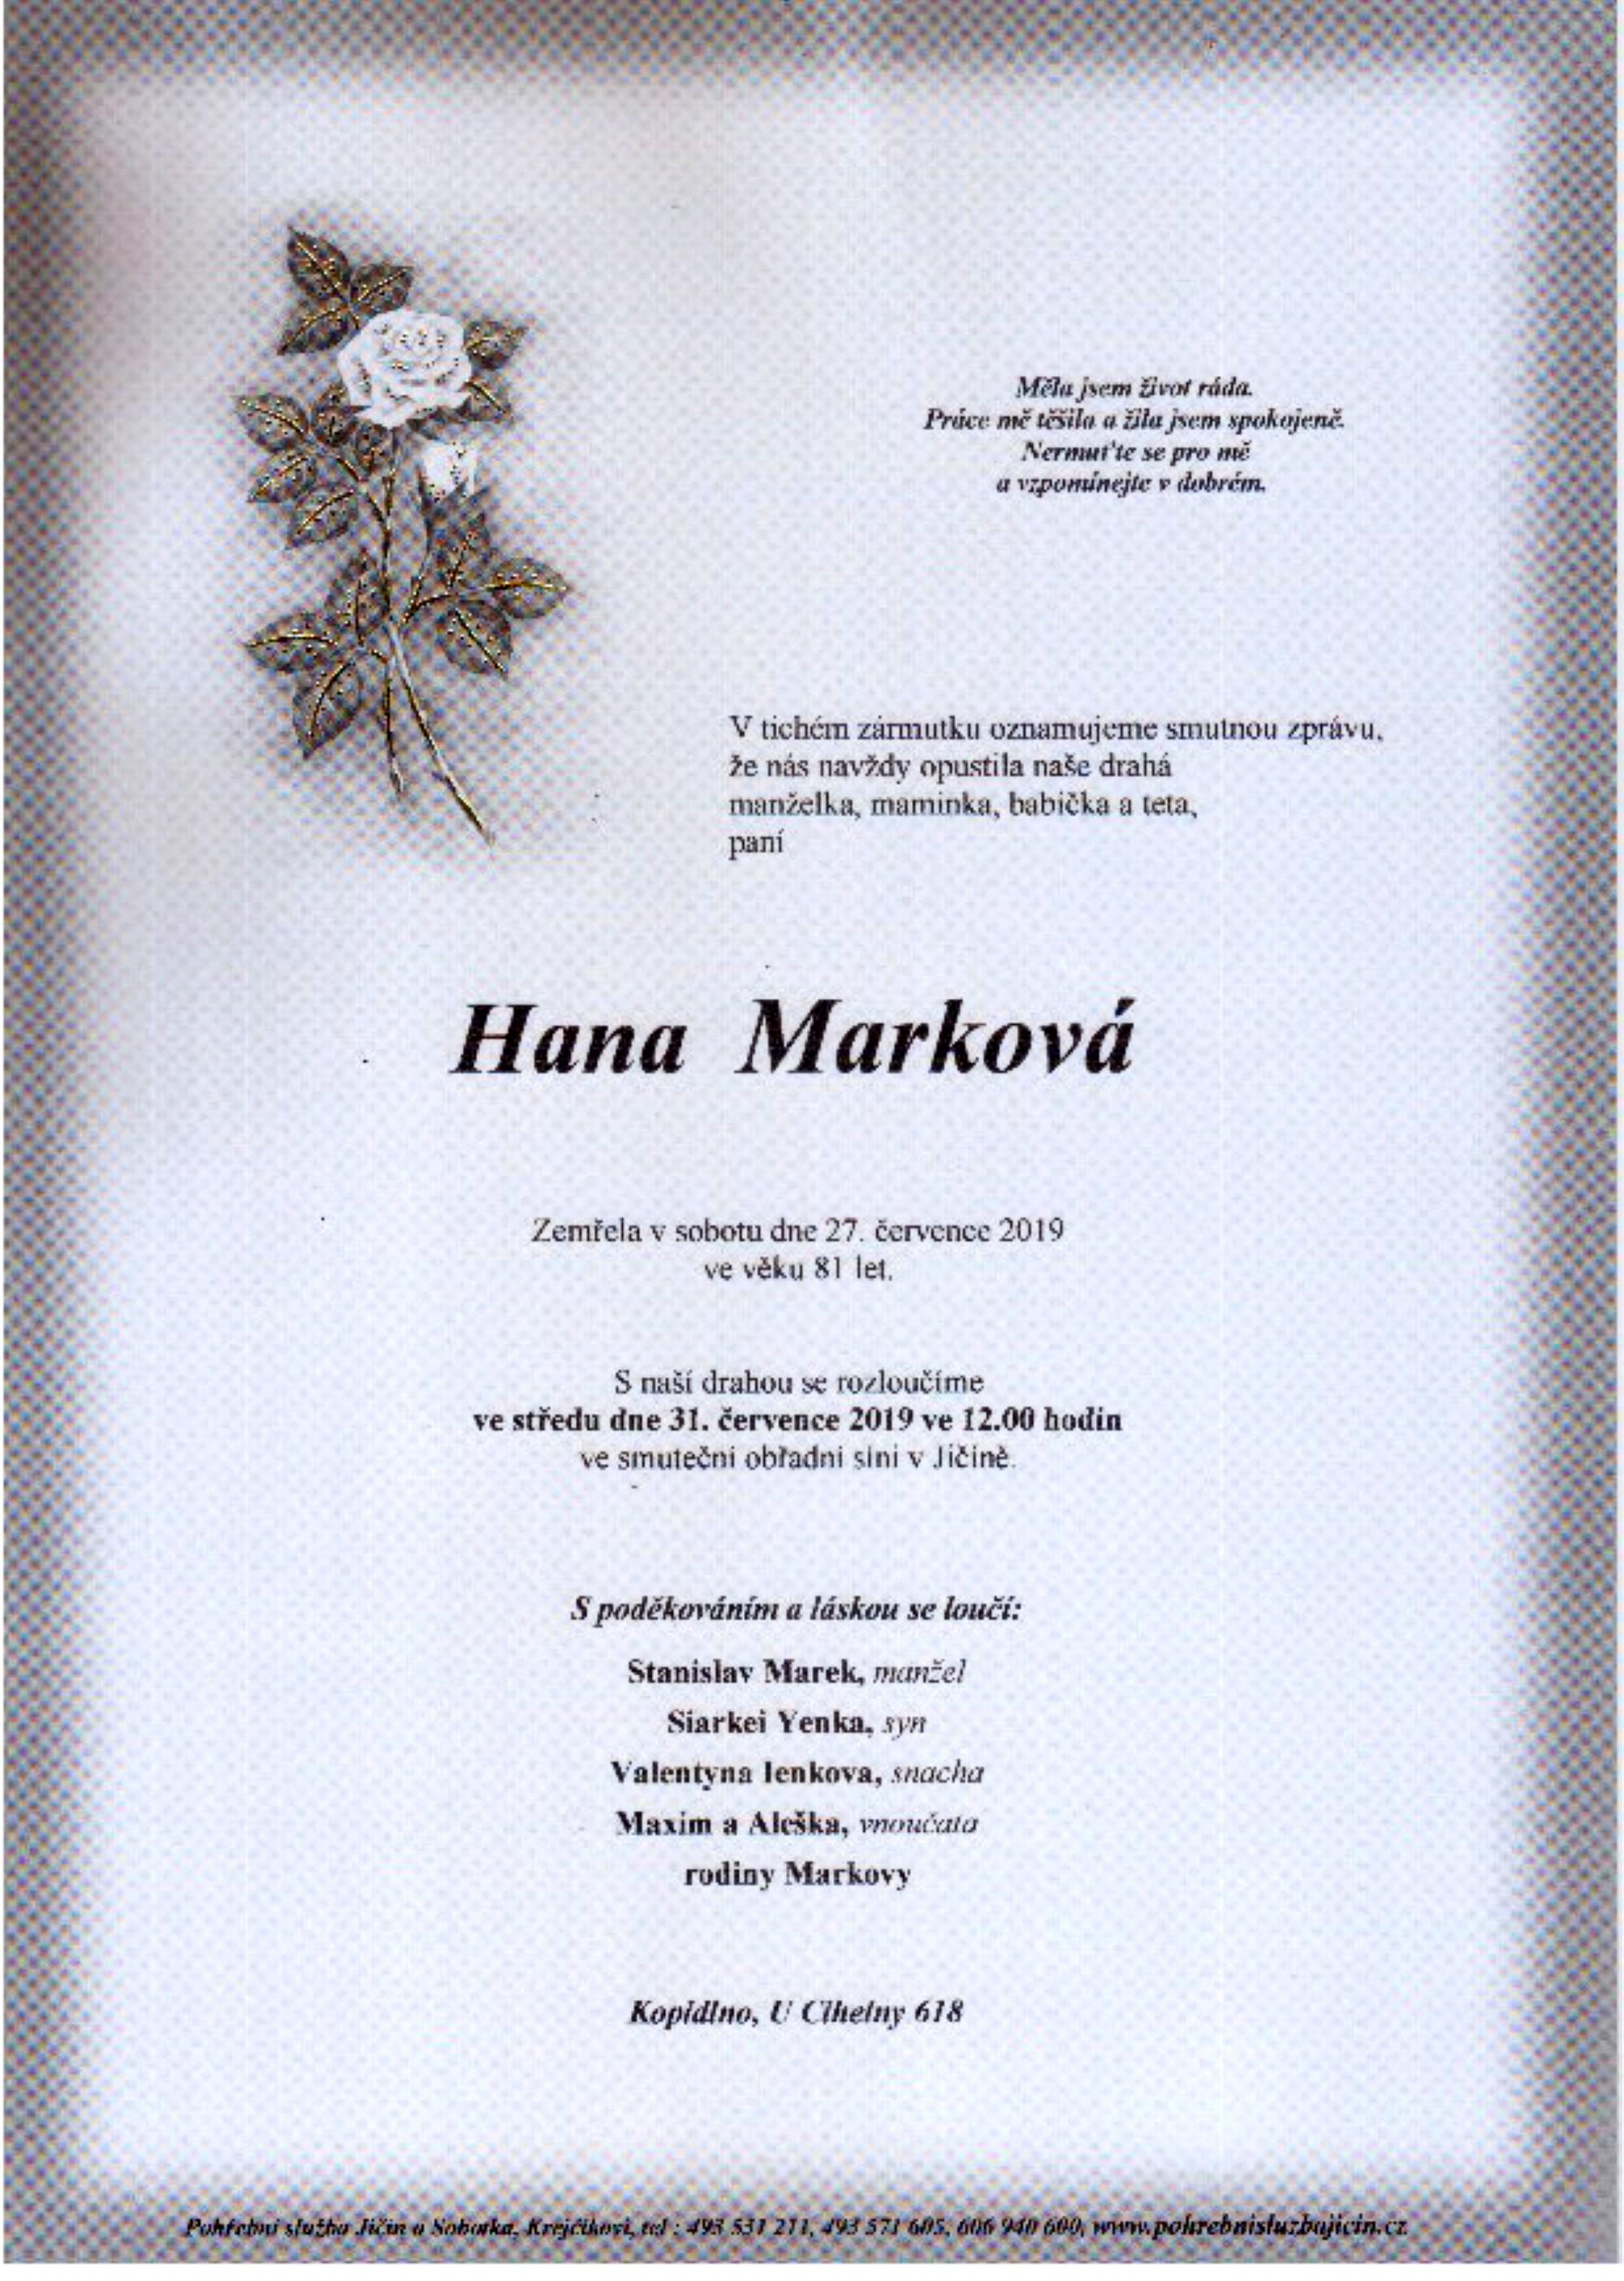 Hana Marková